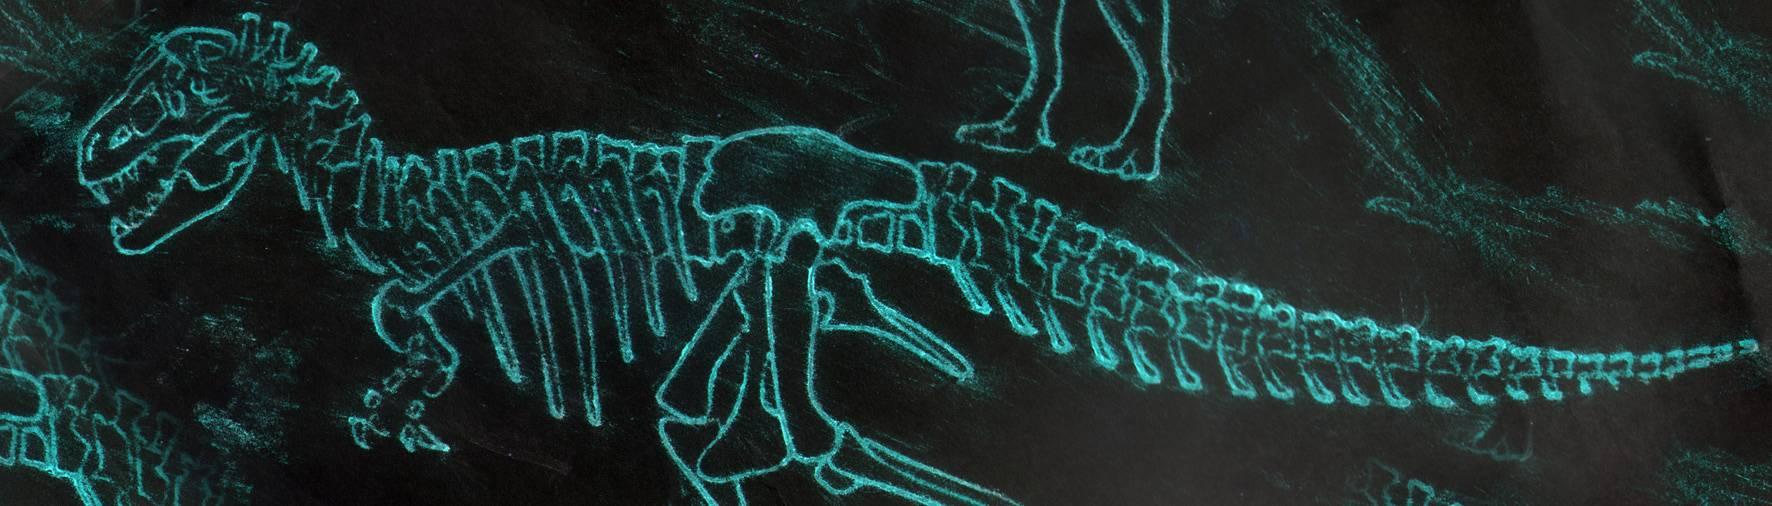 Dinotopiart